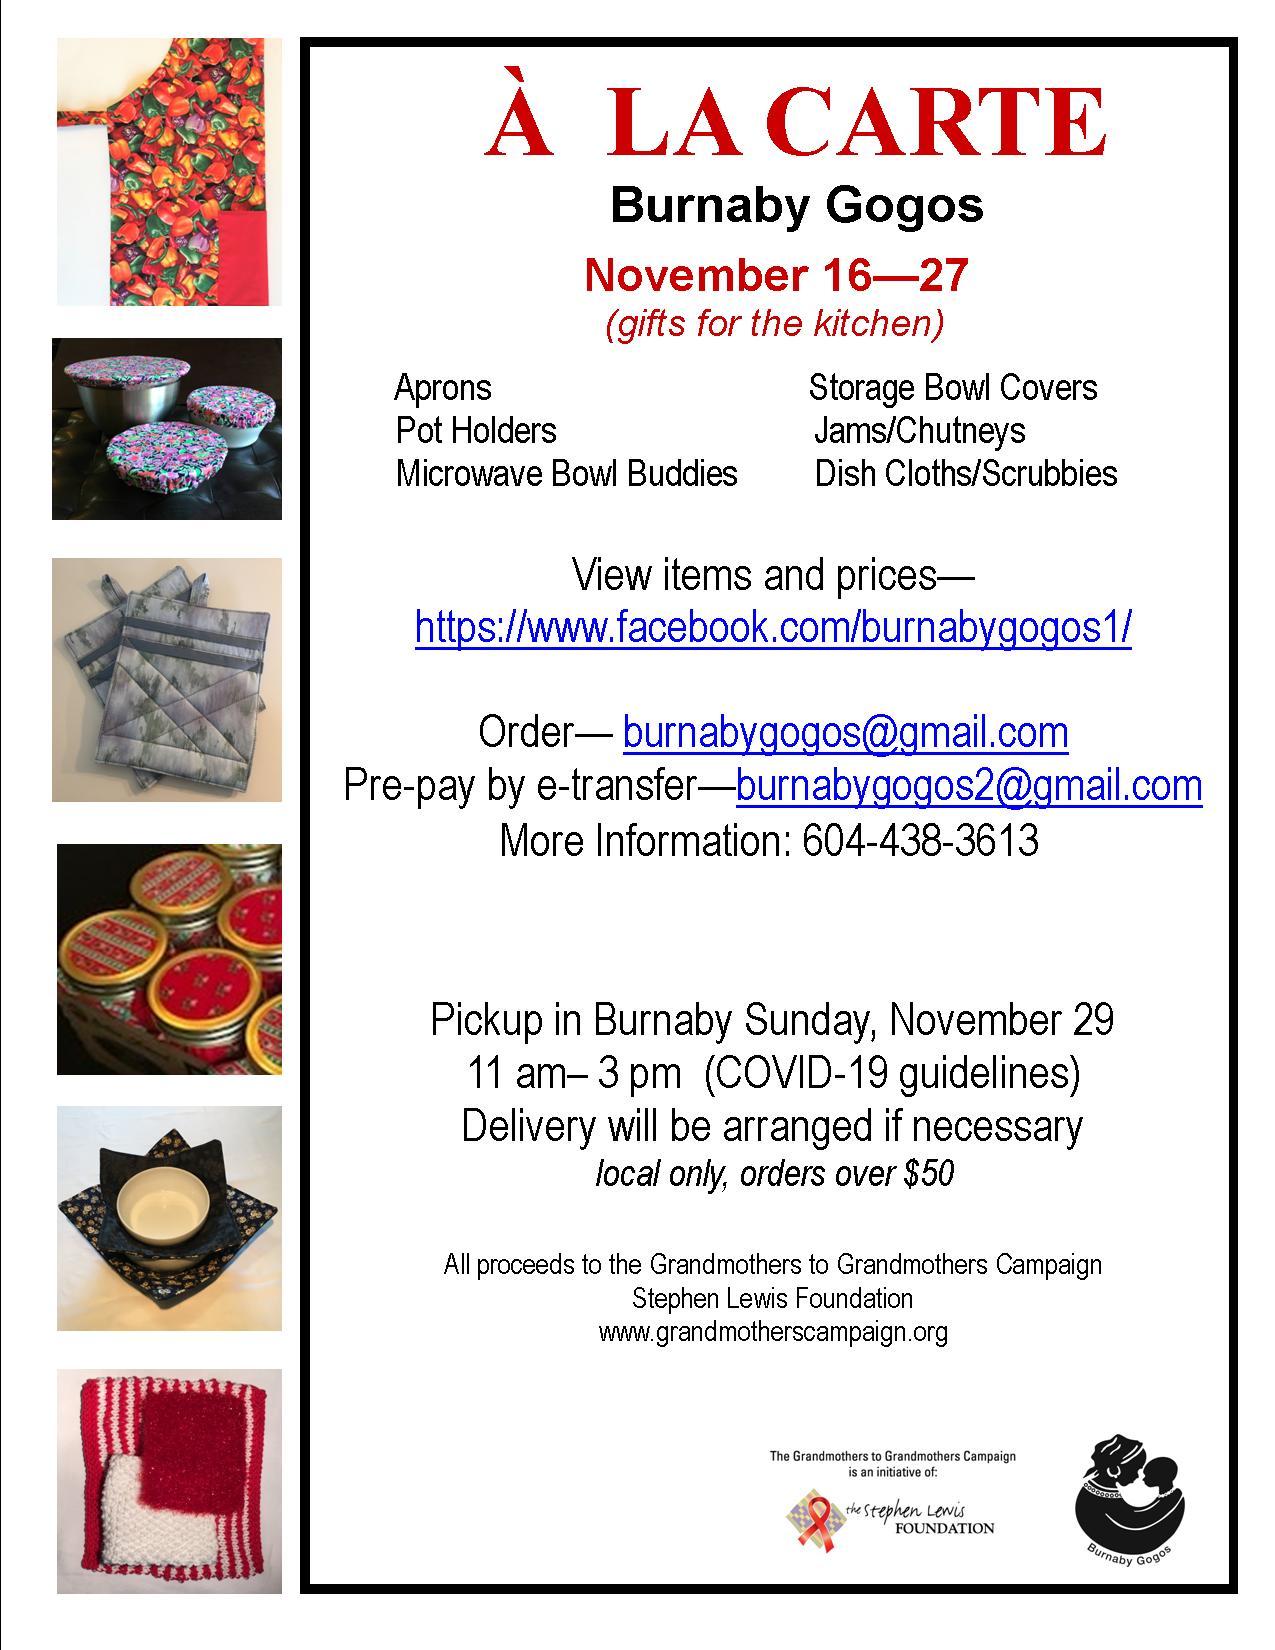 Burnaby Gogos online kitchen sale